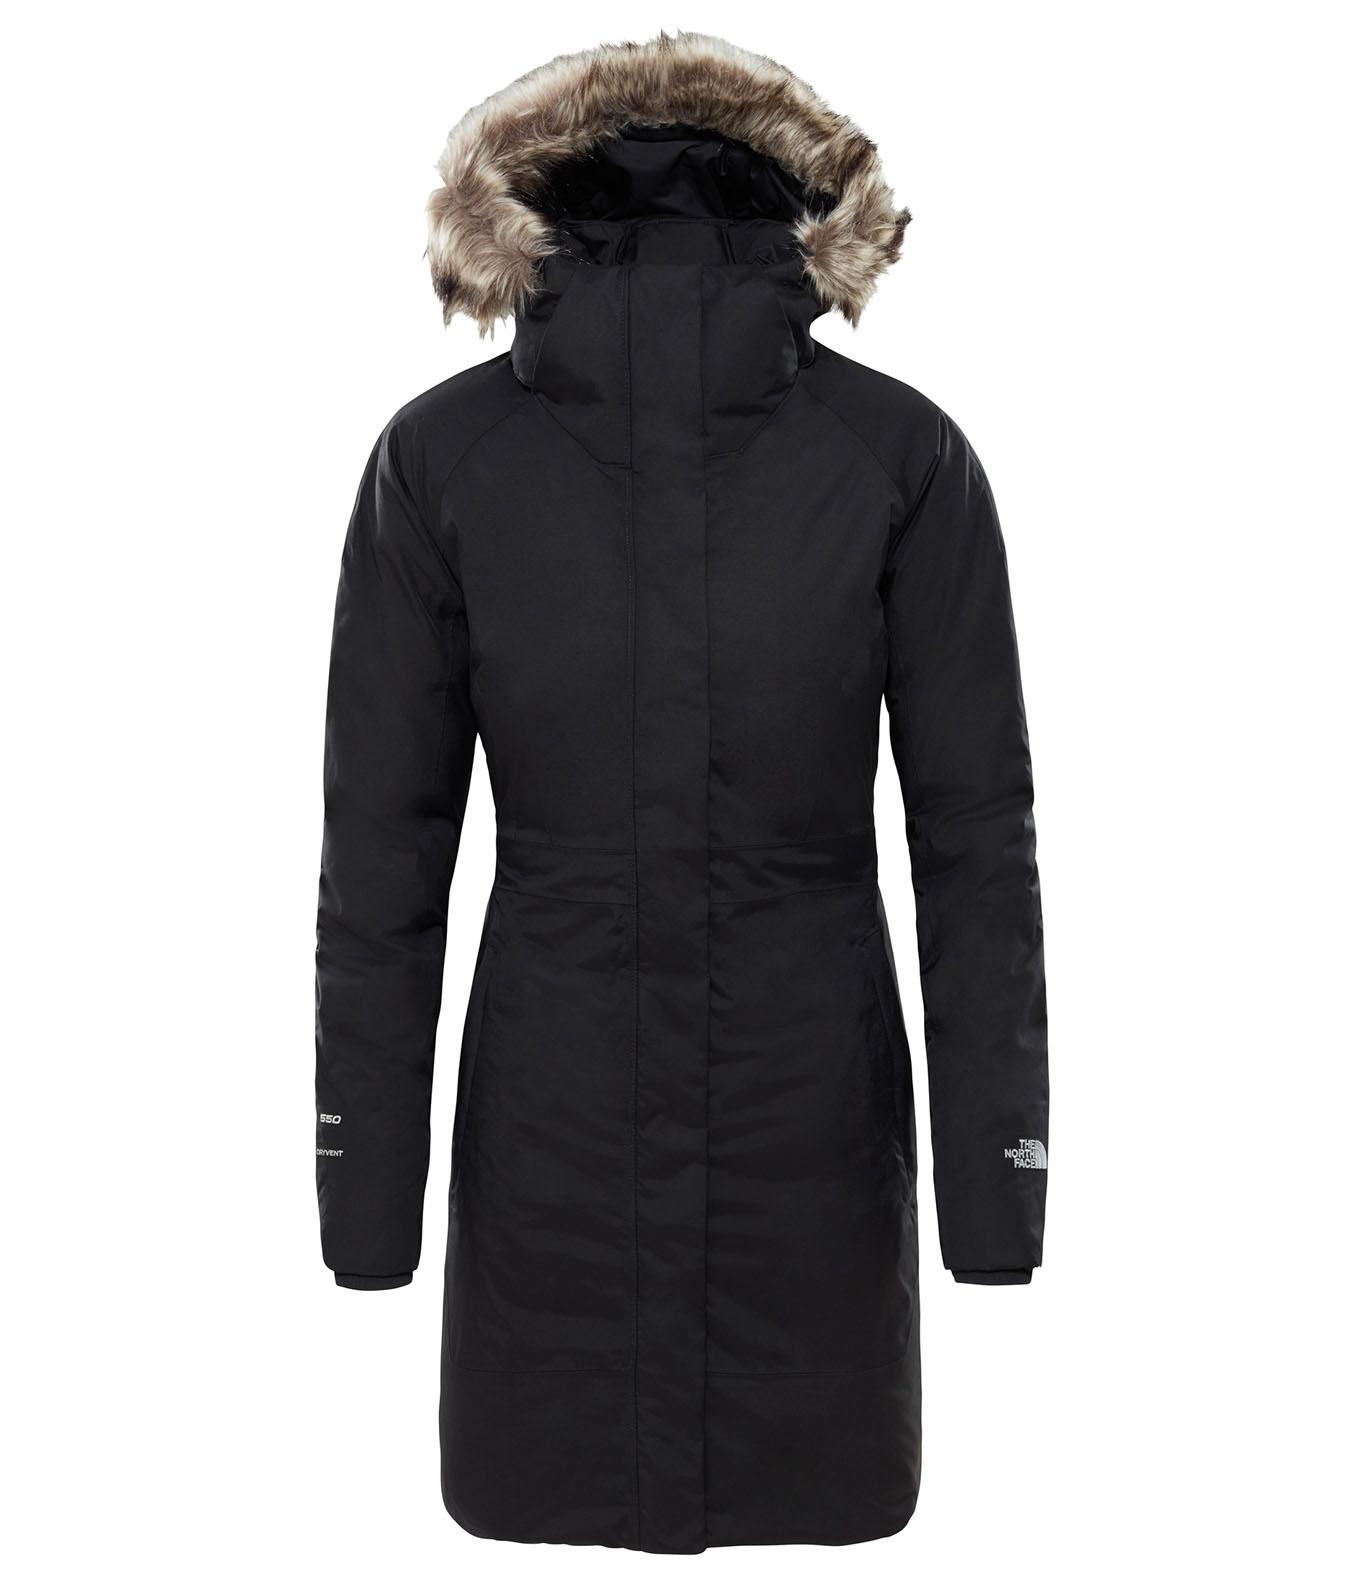 Veste duvet femme The North Face Gotham 2 jacket femme black